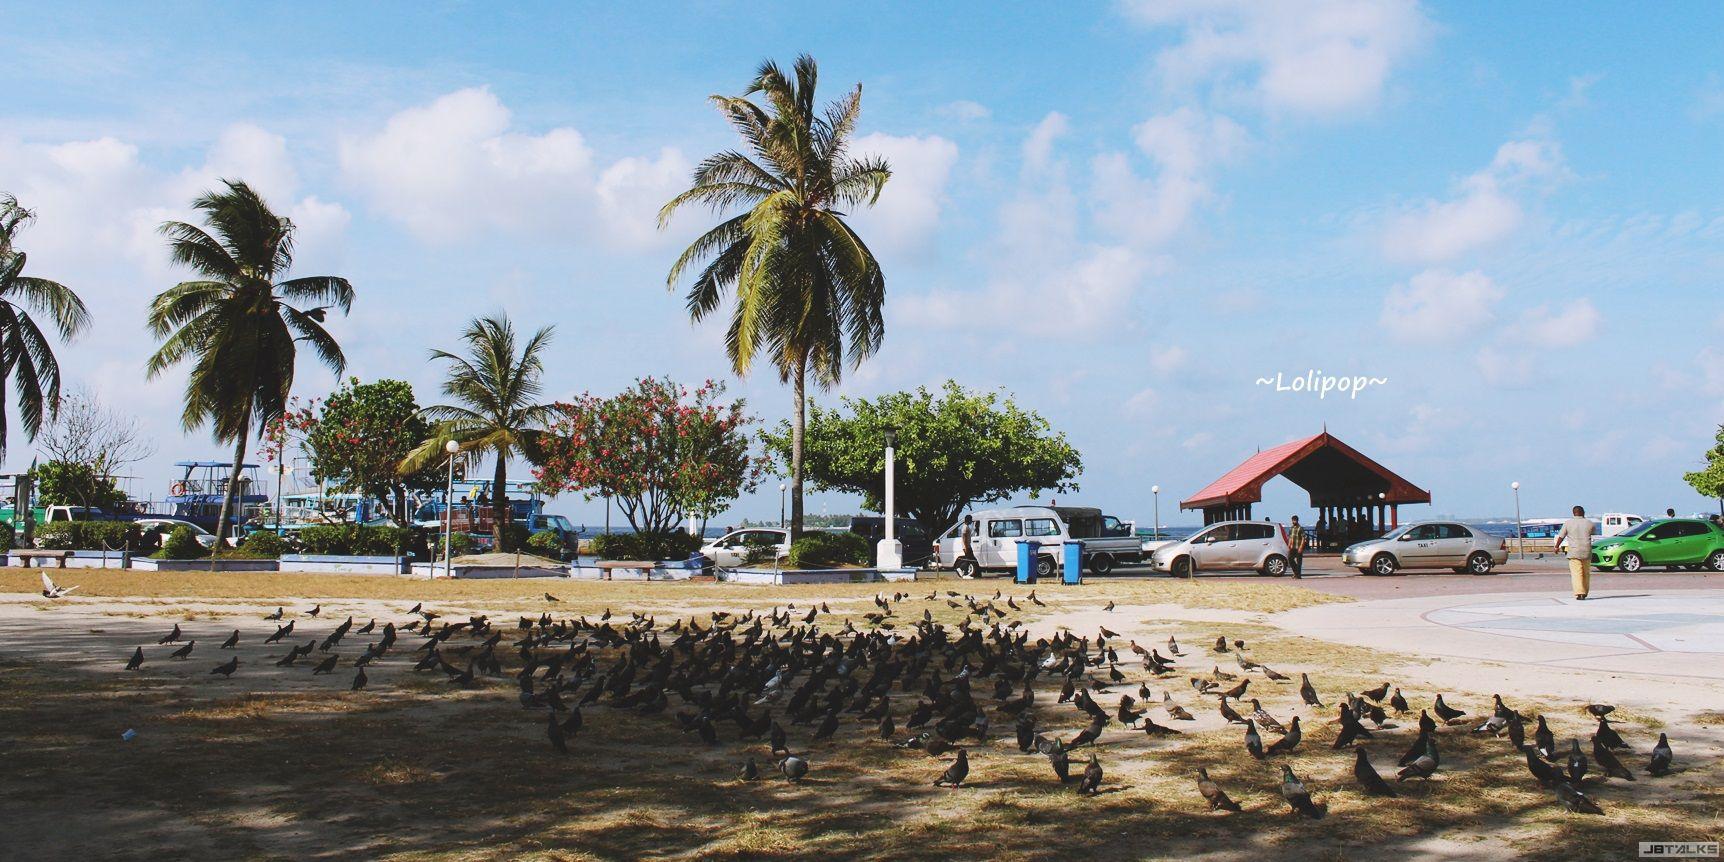 广场上超多鸽子啊